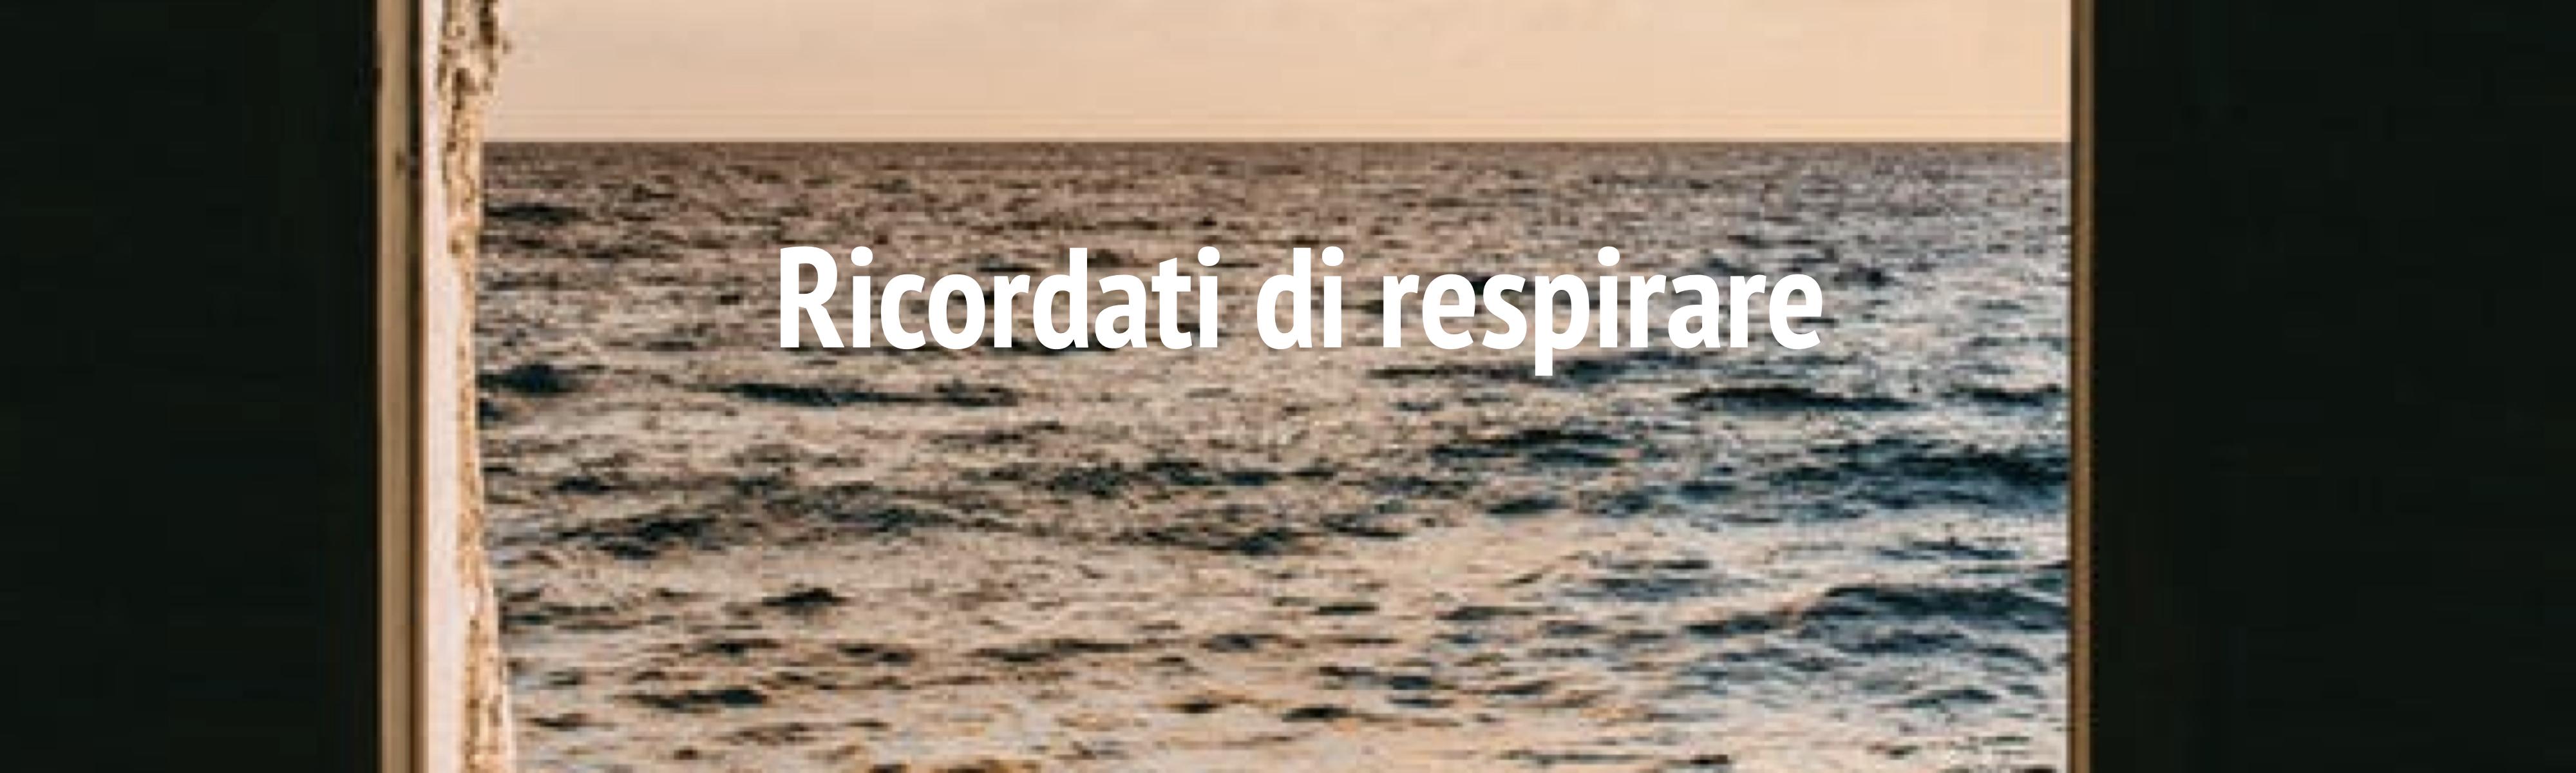 Ricordati di respirare - una finestra con vista sul mare